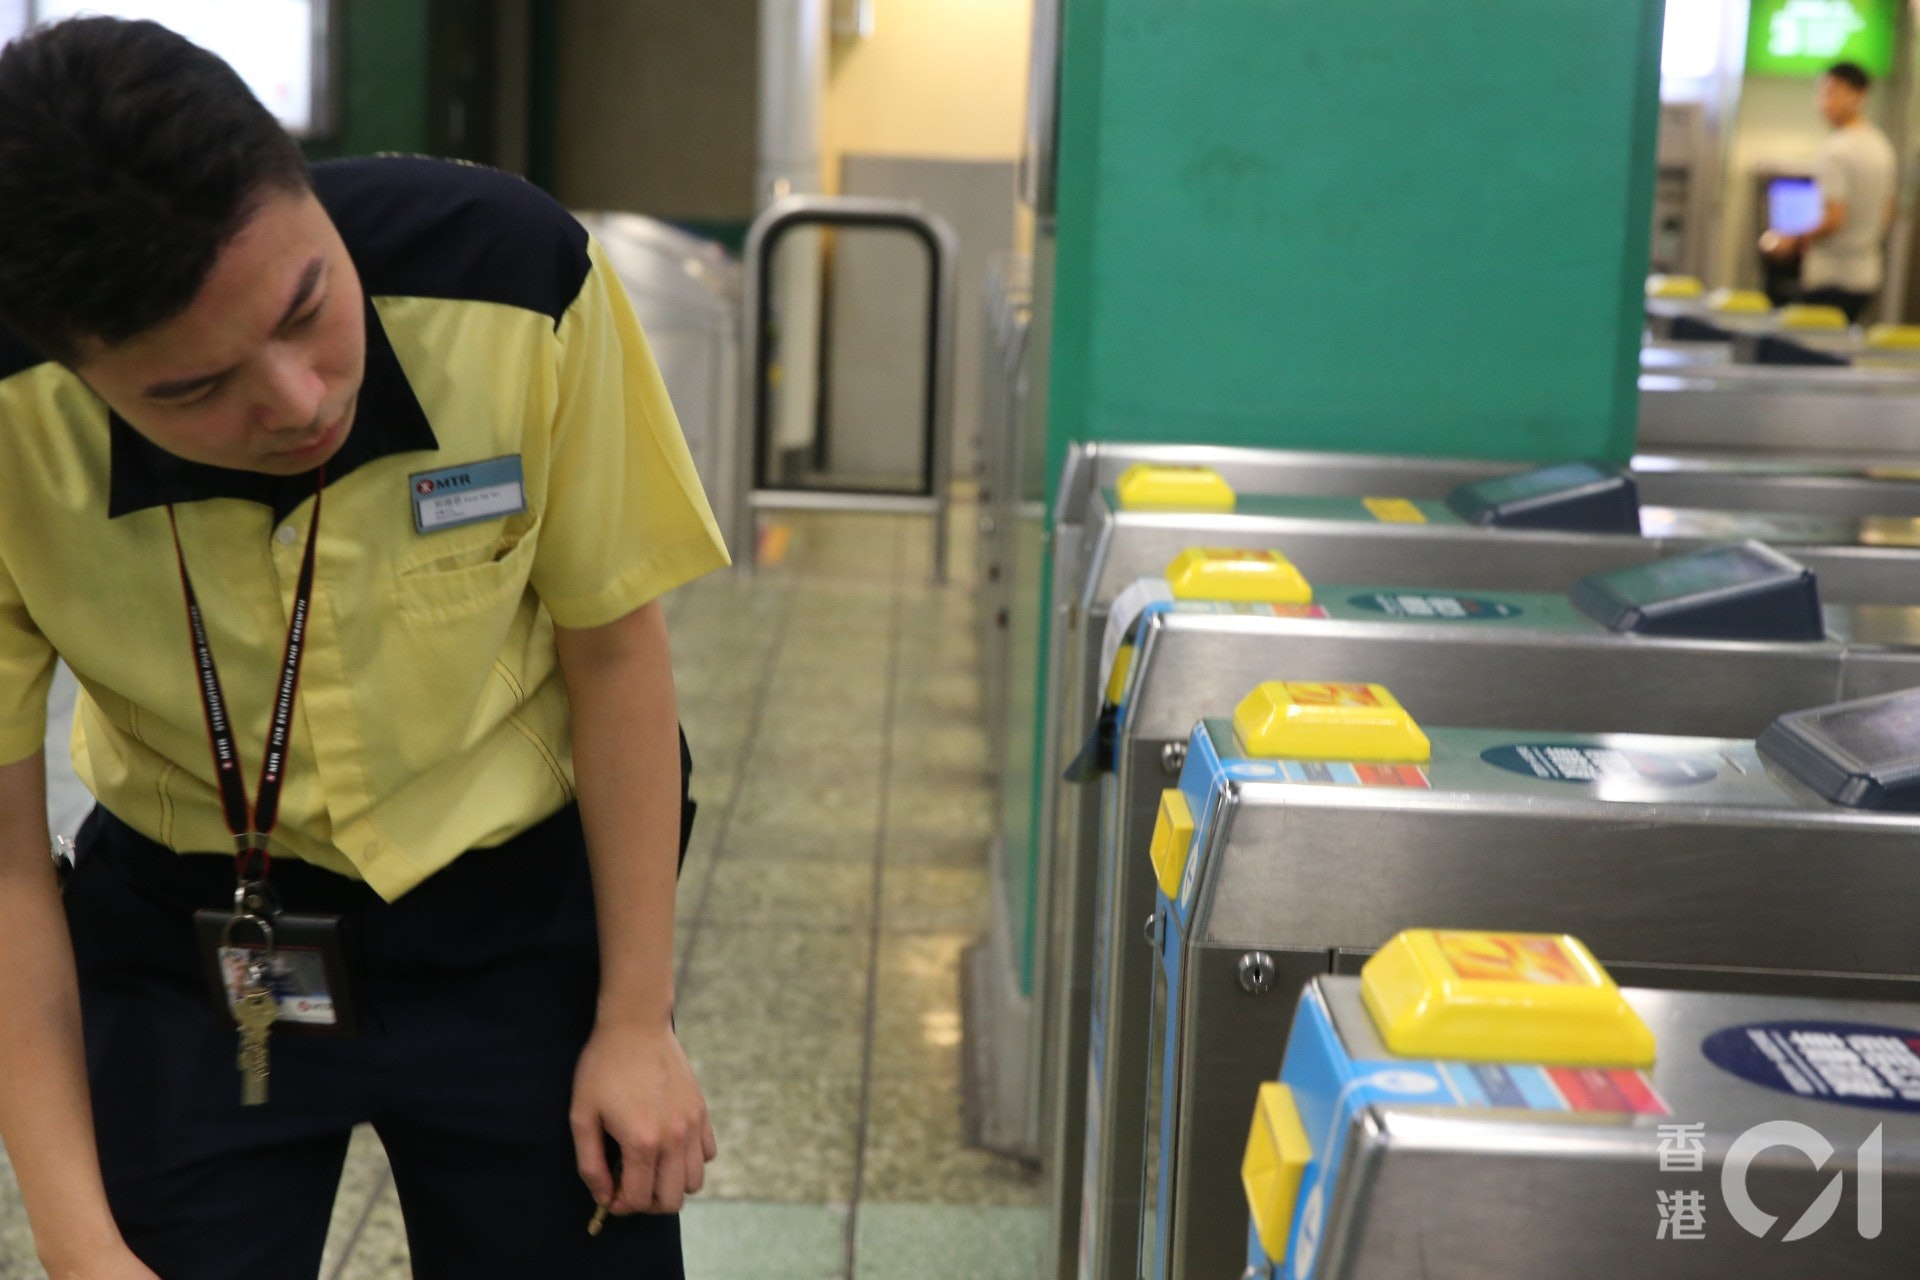 港鐵職員檢查入閘機。(蔡正邦攝)